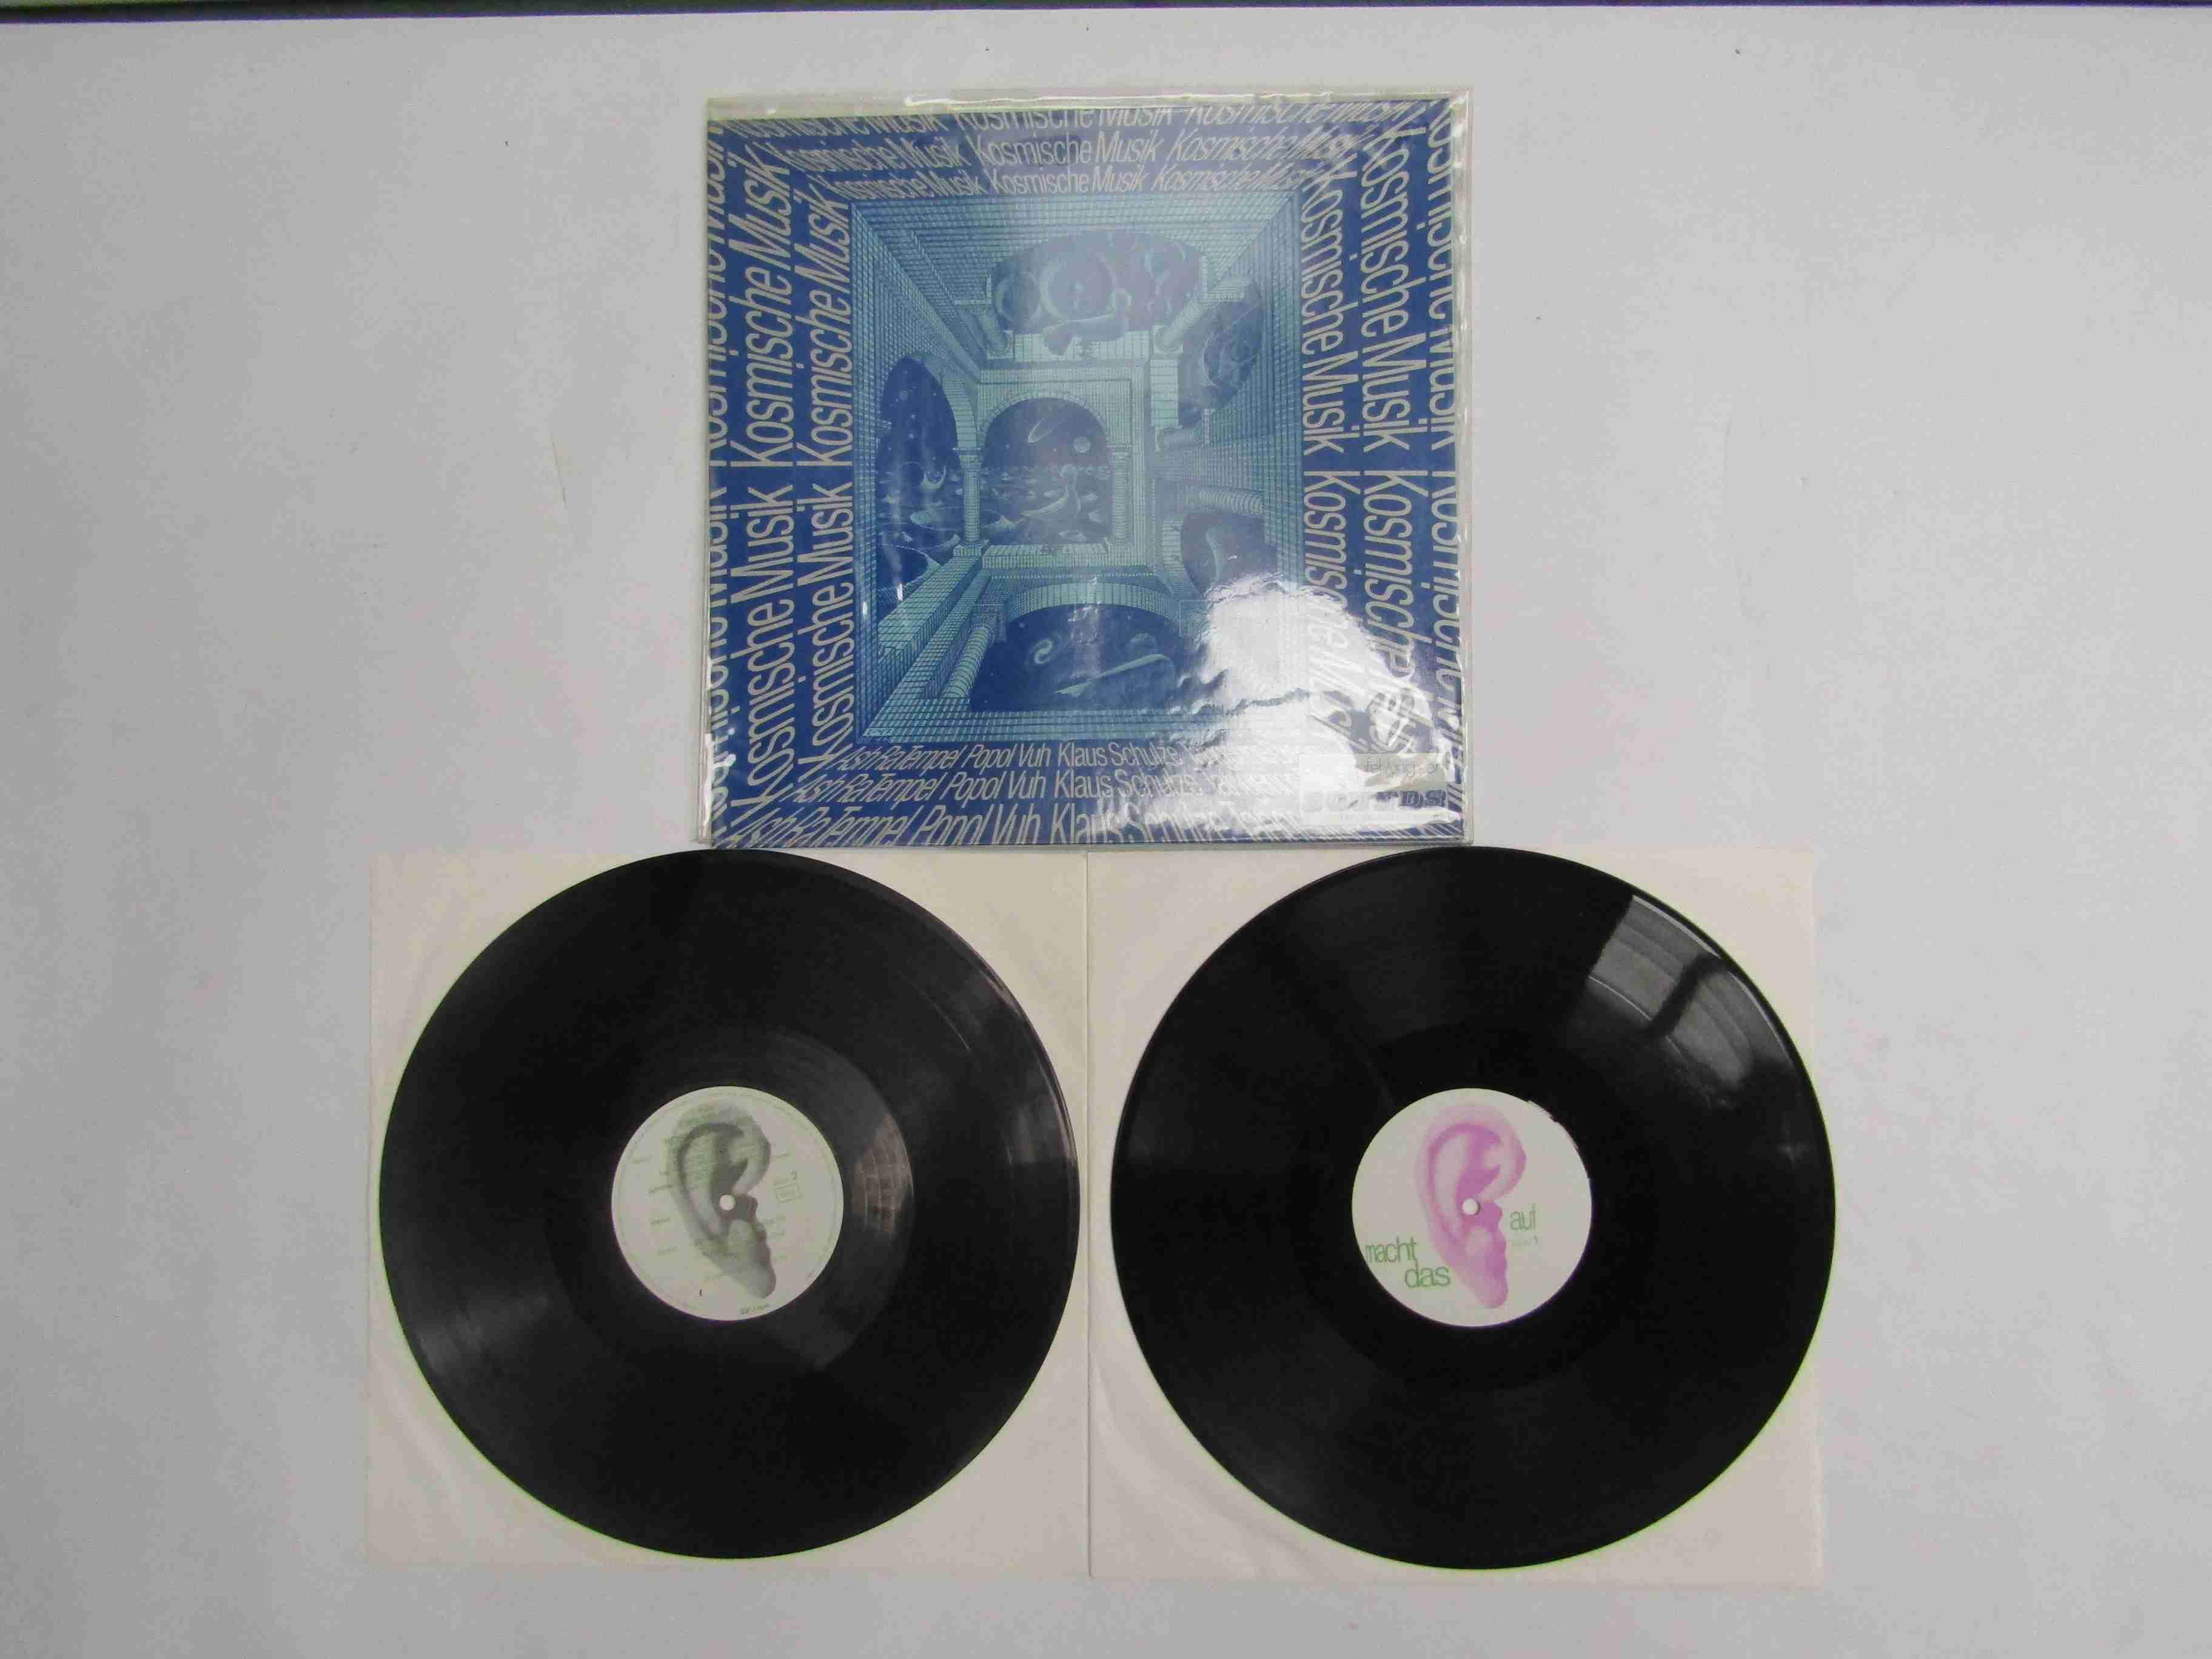 'Komische Musik' 2xLP Krautrock compilation featuring Popol Vuh, Klaus Schulze, Ash Ra,